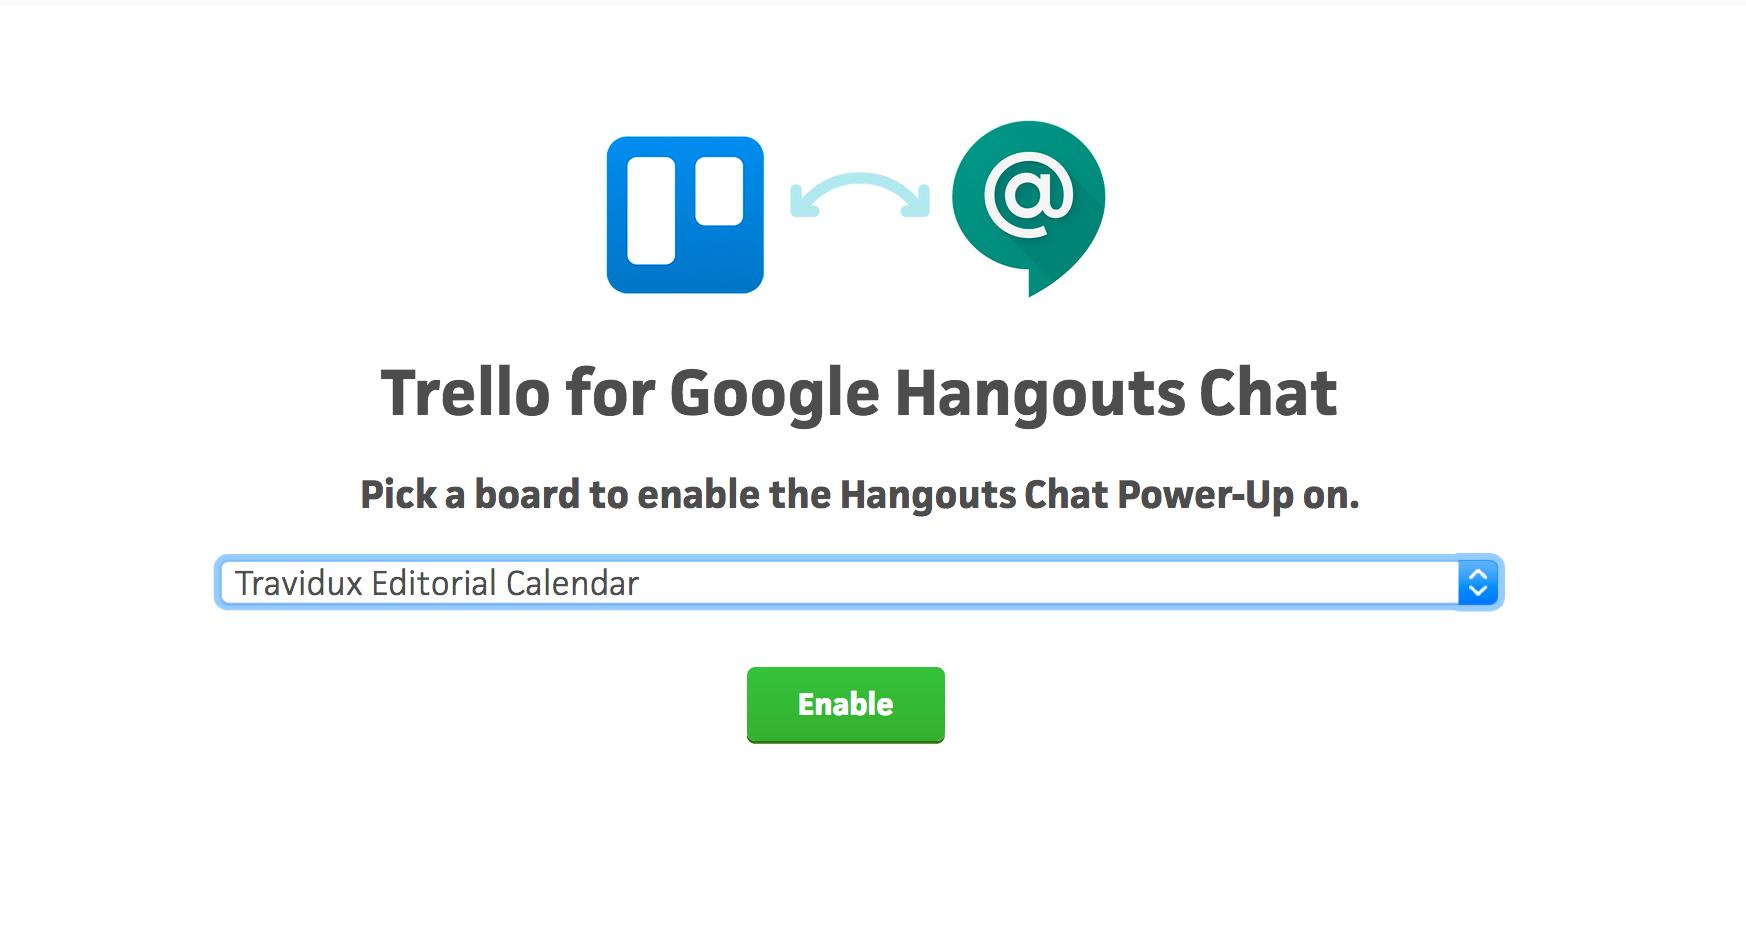 Trello for Google Hangouts Chat - Trello Help